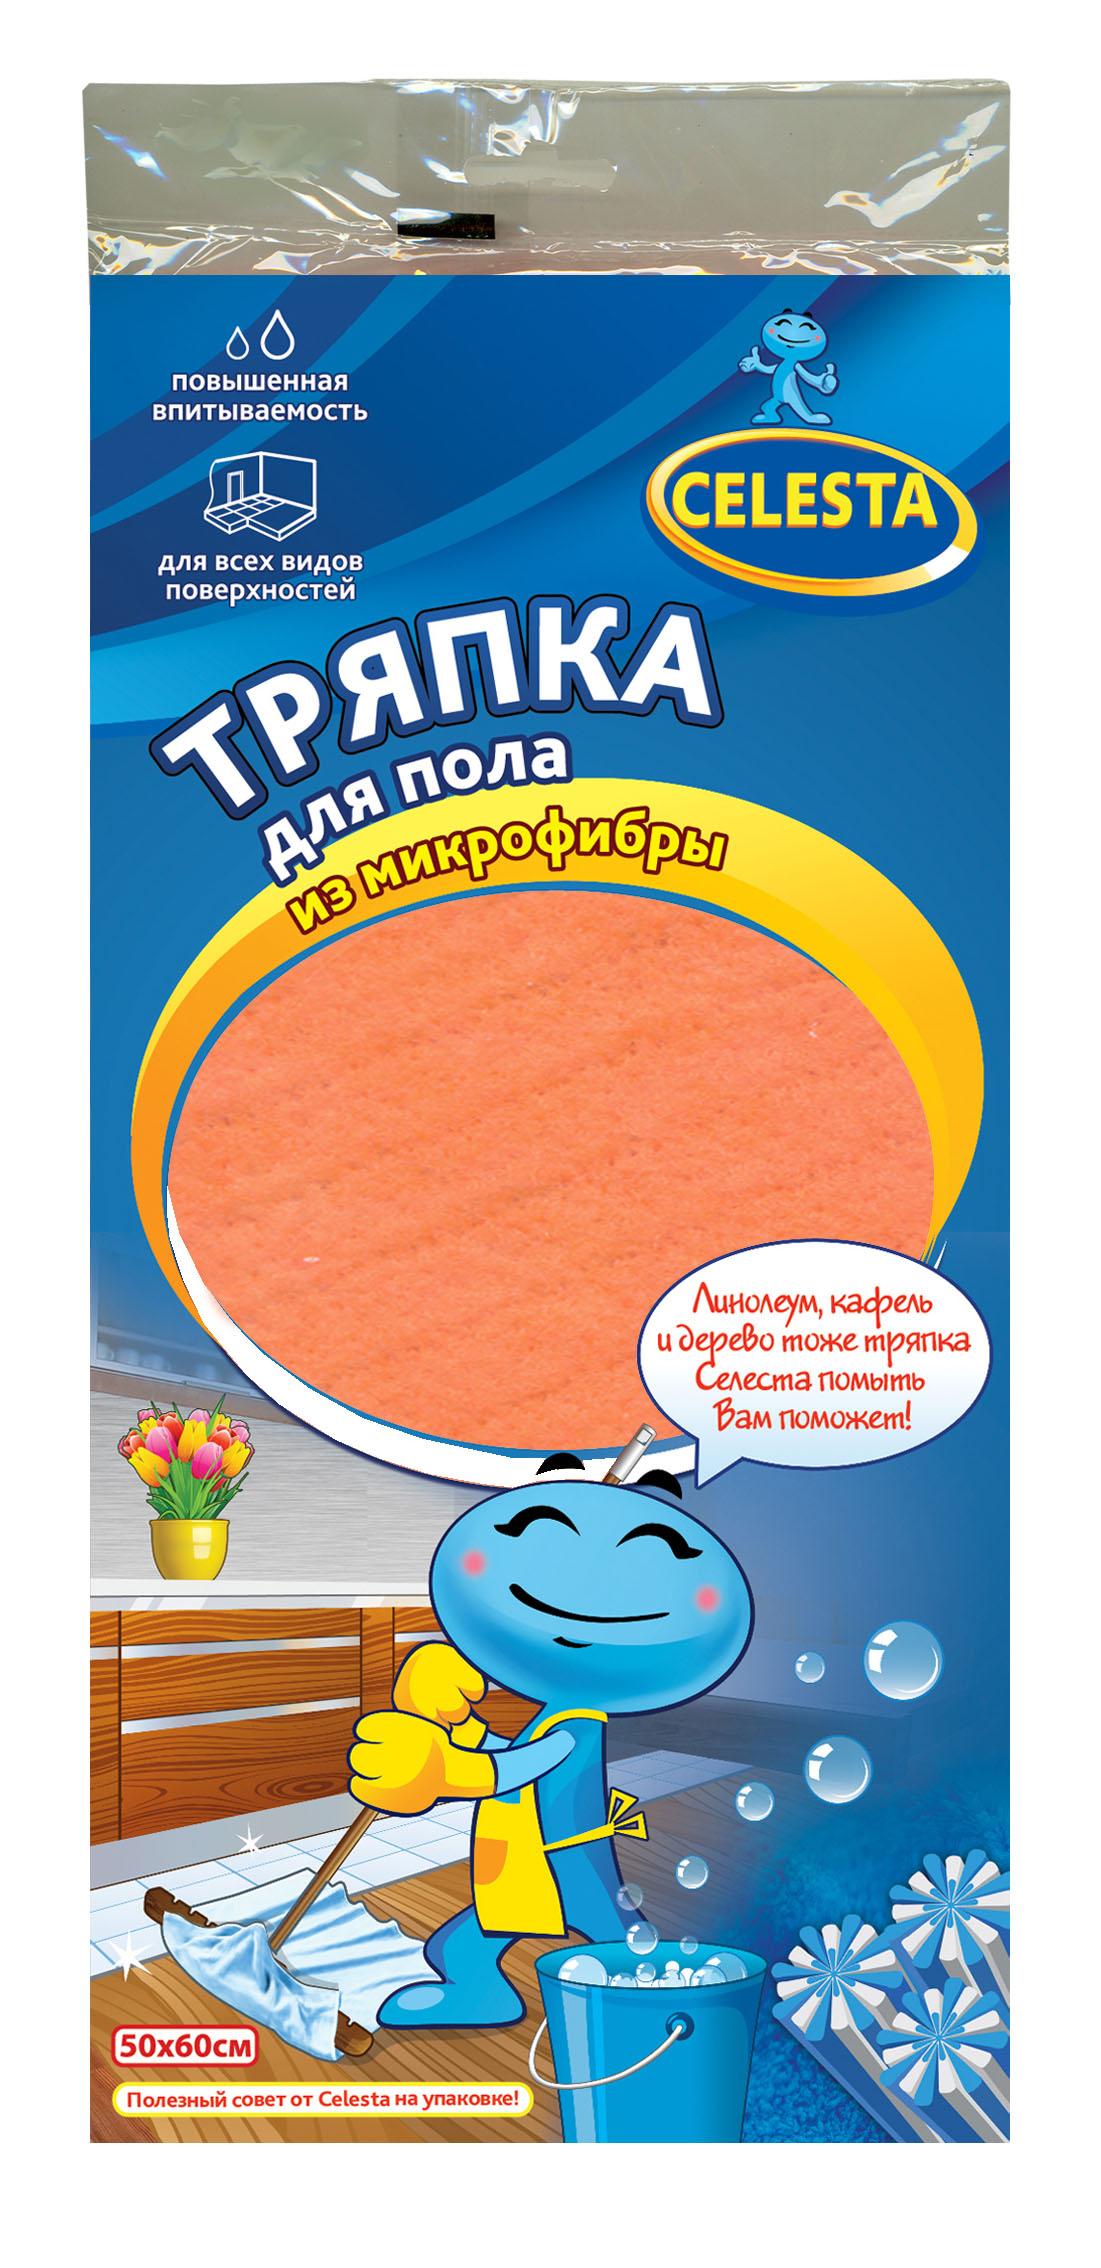 """Тряпка для пола """"Celesta"""", из микрофибры, цвет: оранжевый, 50 х 60 см"""